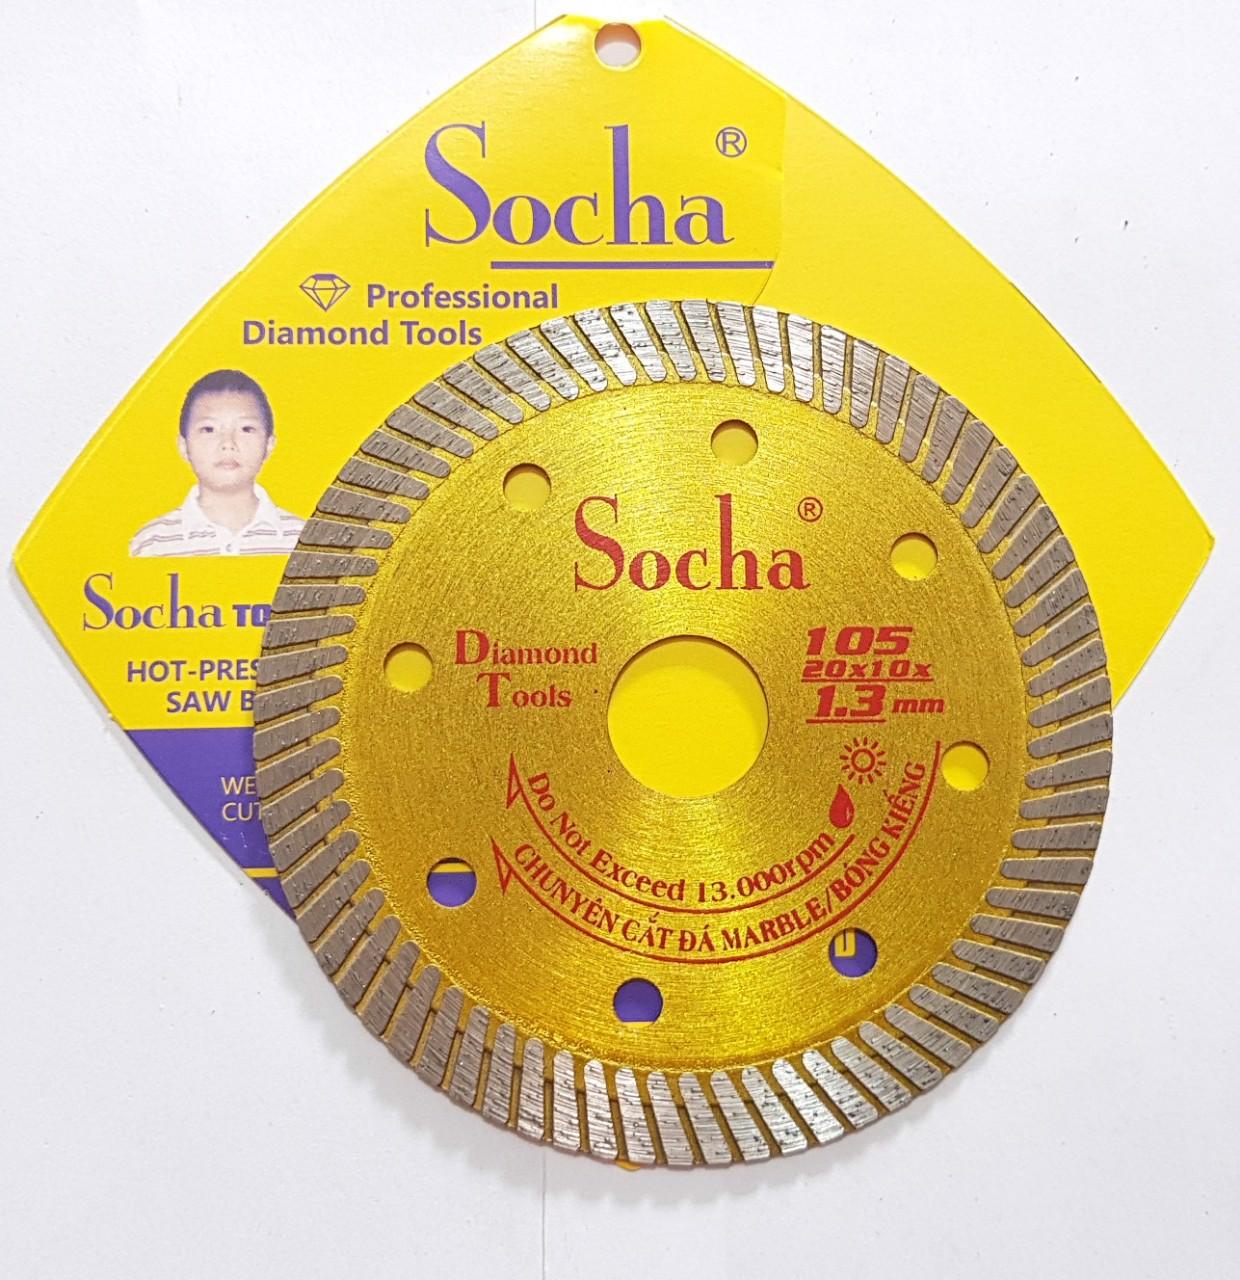 105 mm Lưỡi cắt gạch đa năng SOCHA Vỉ nhựa